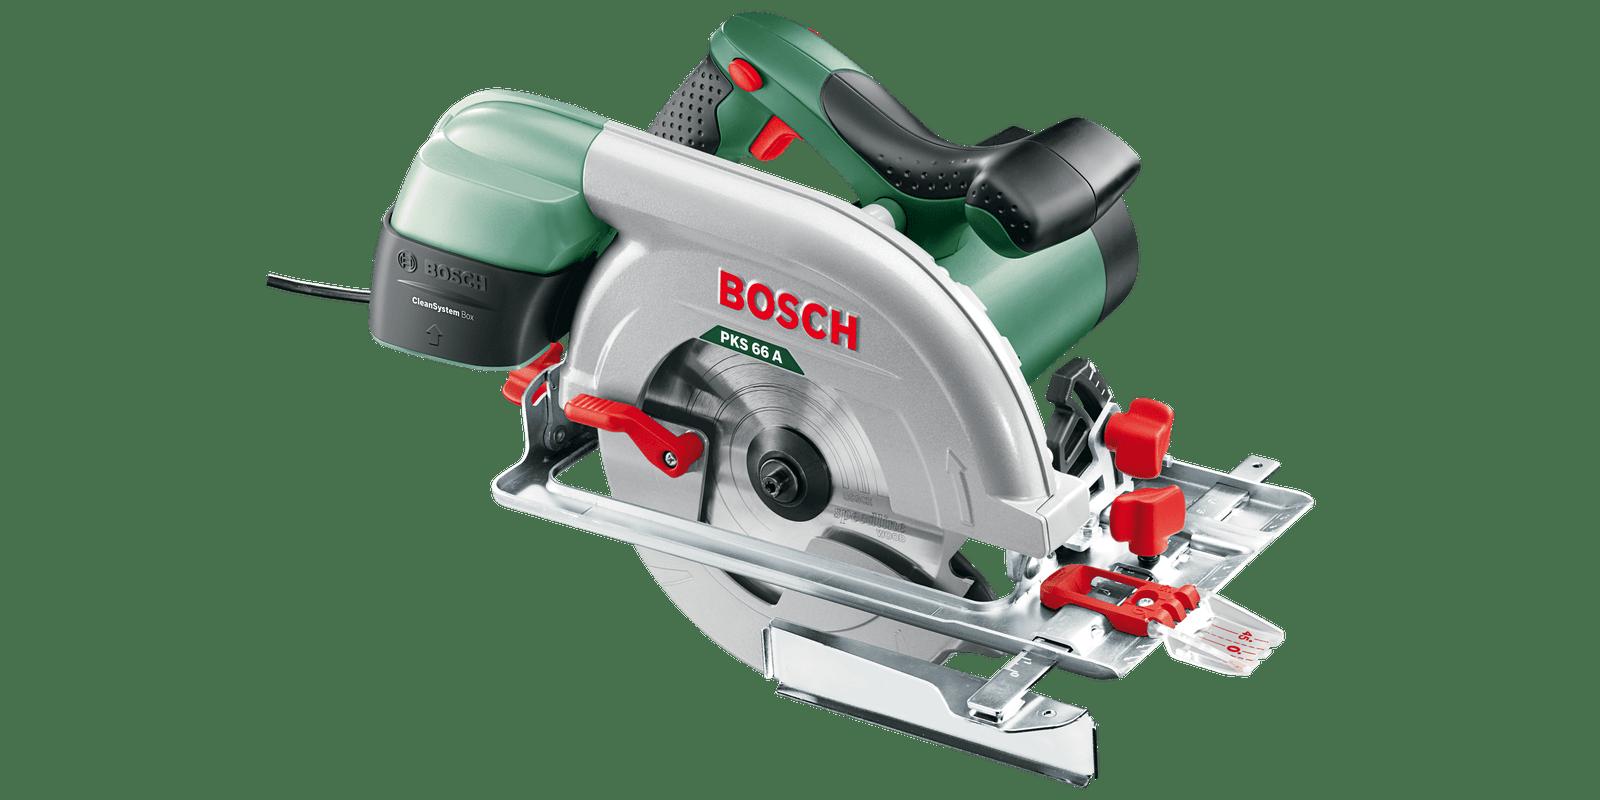 Bosch Sirkelsag PKS 66 A